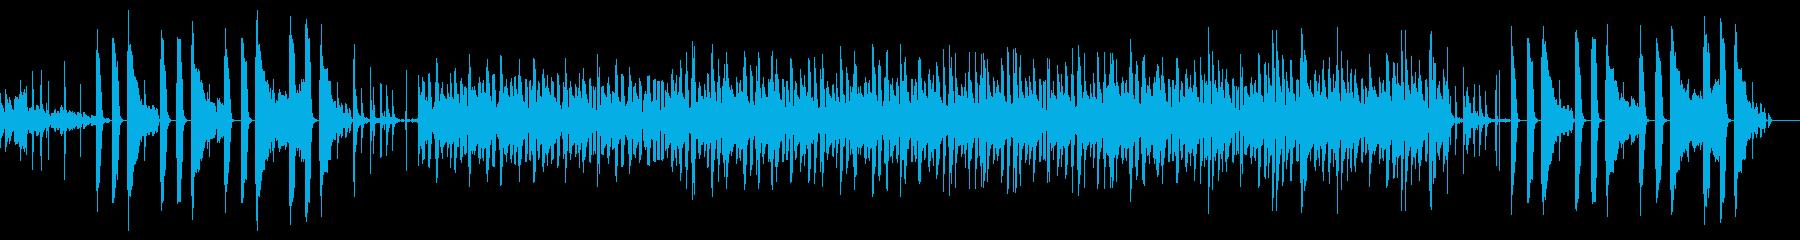 まろやかなボッサ・ヒップホップ・ピアノの再生済みの波形